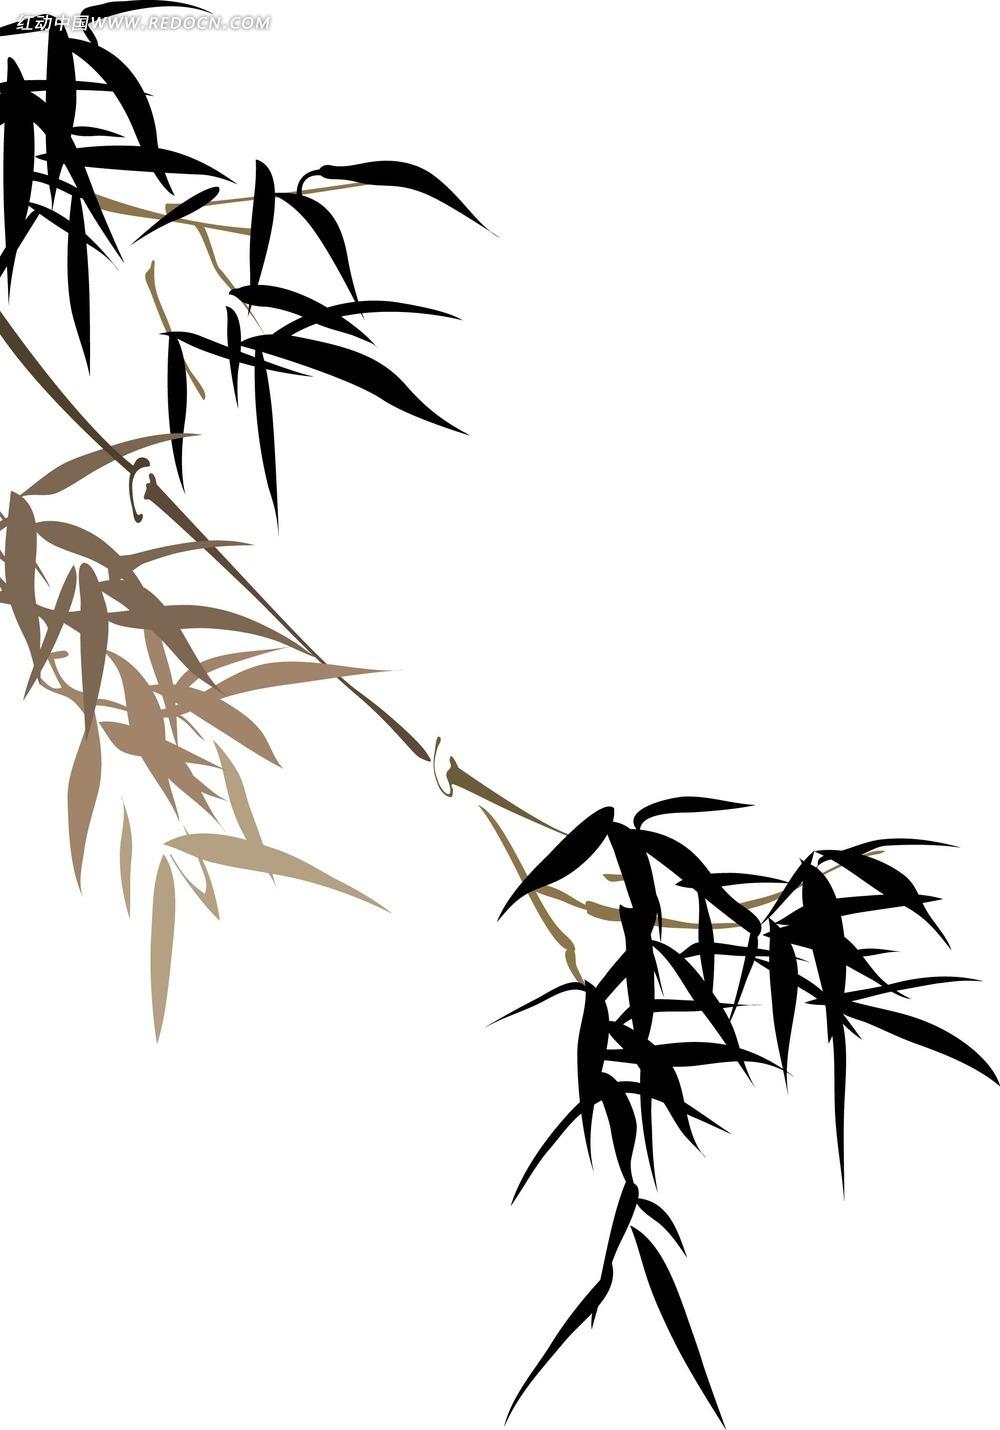 黑白水墨竹子素材